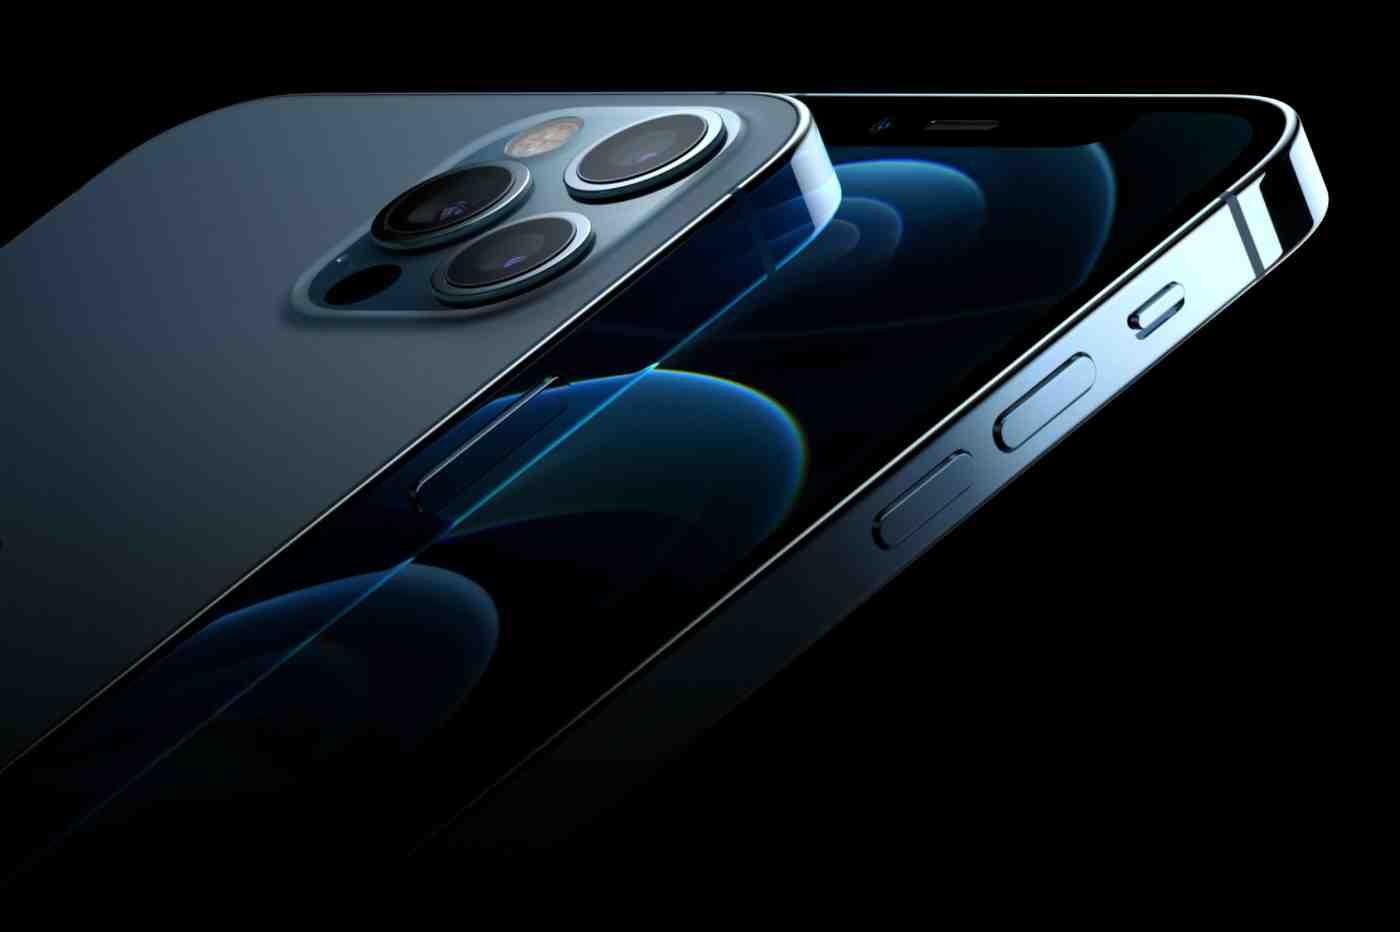 L'étui de l'iPhone 11 pro max peut-il s'adapter au 12 pro max ?